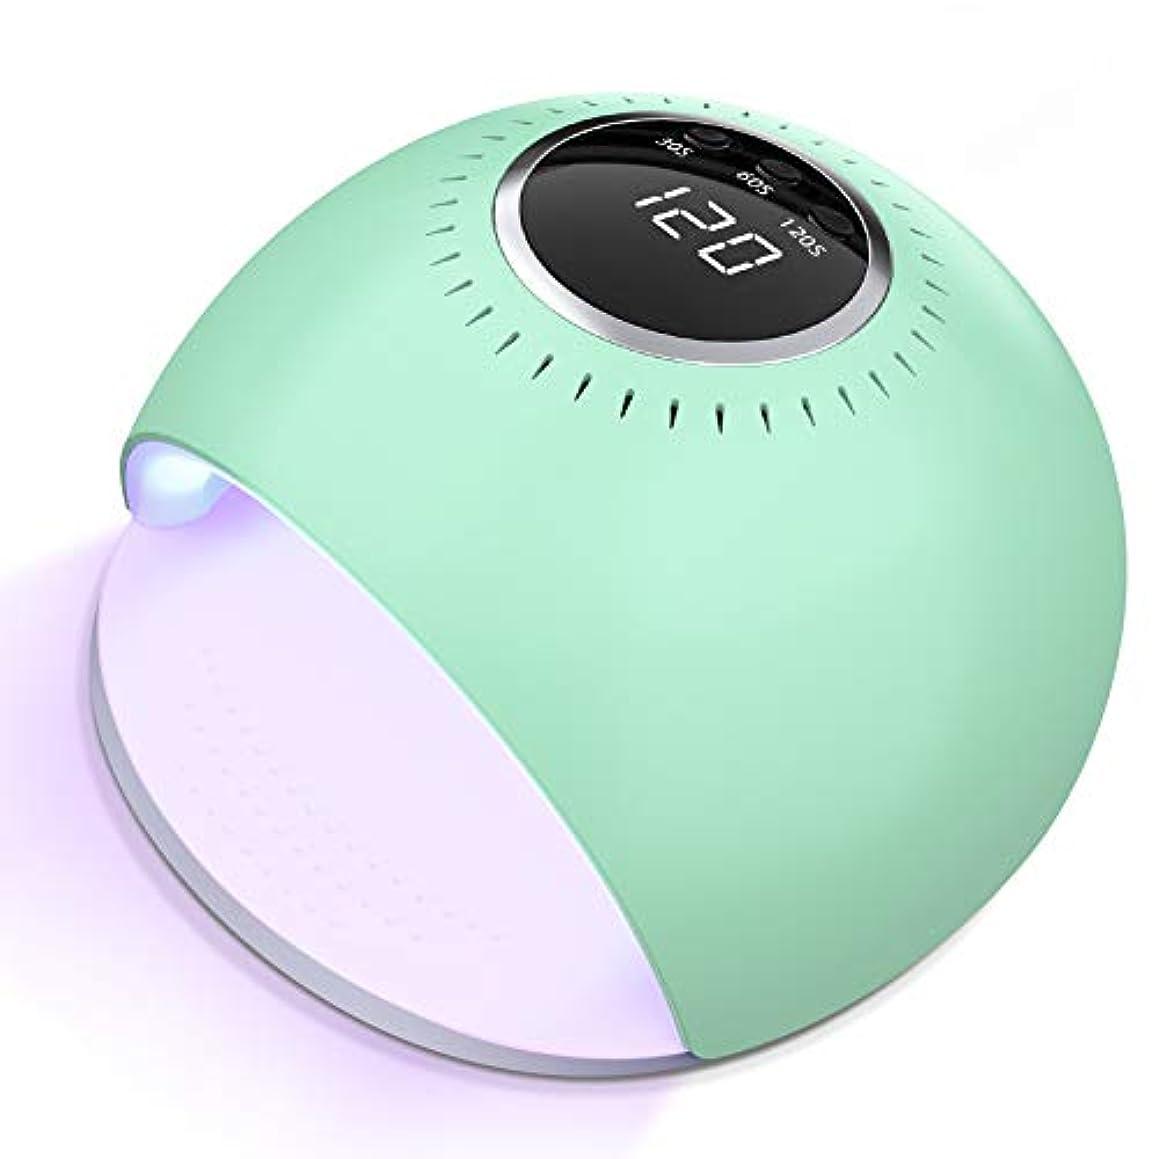 海嶺認めるホイストMACHITO UV LEDネイルドライヤー 84W ハイパワー 赤外線検知 UV &LEDダブルライト ジェルネイル用 硬化用 ライト 3つタイマー設定 美白 専用赤白ライト ランプ 日本語説明書付き 緑 …